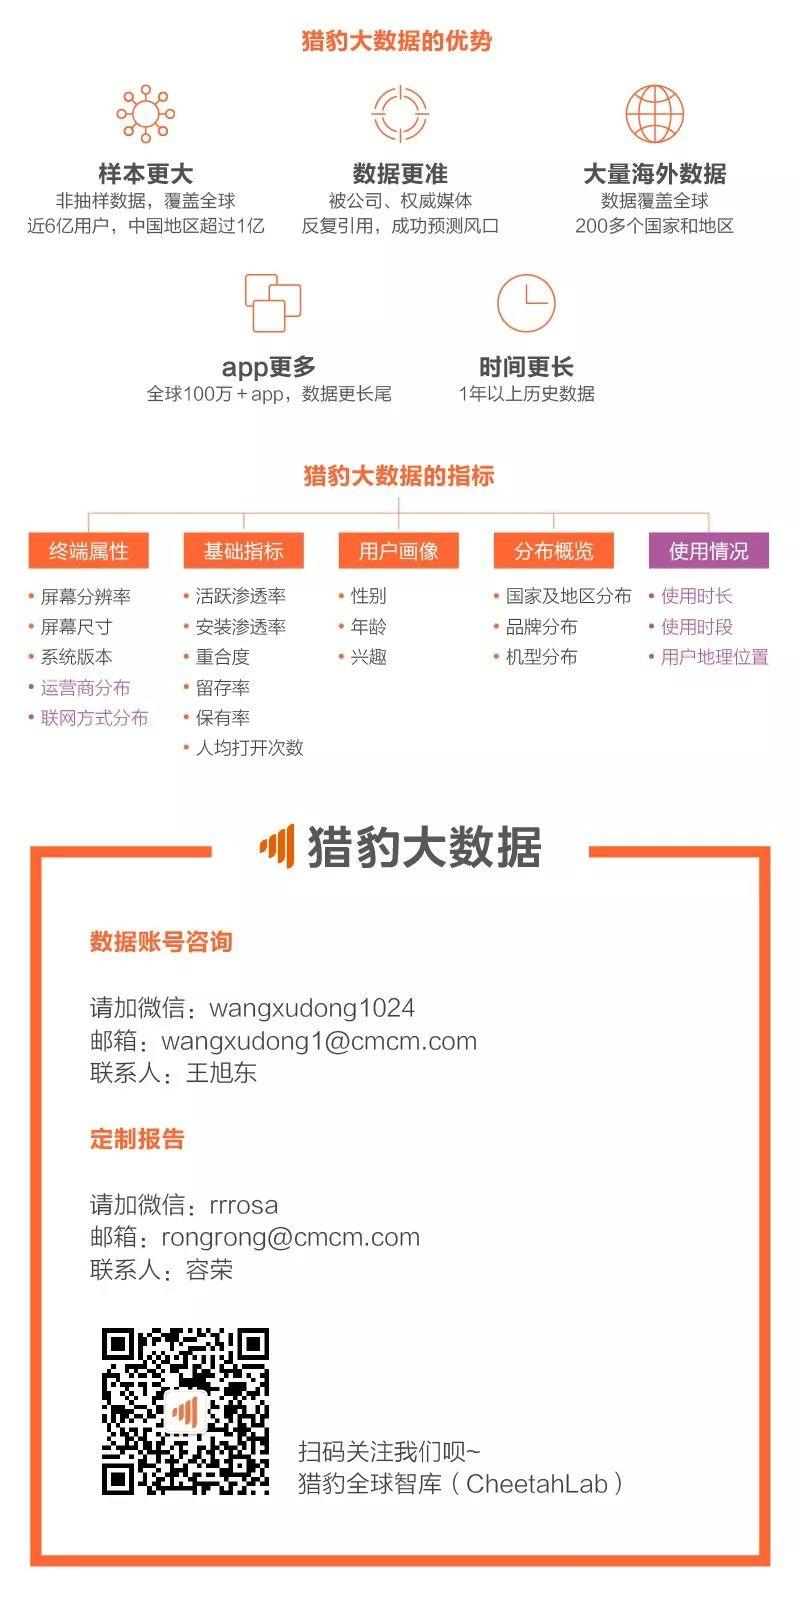 流量向下走 娱乐大爆发:猎豹大数据2017中国app